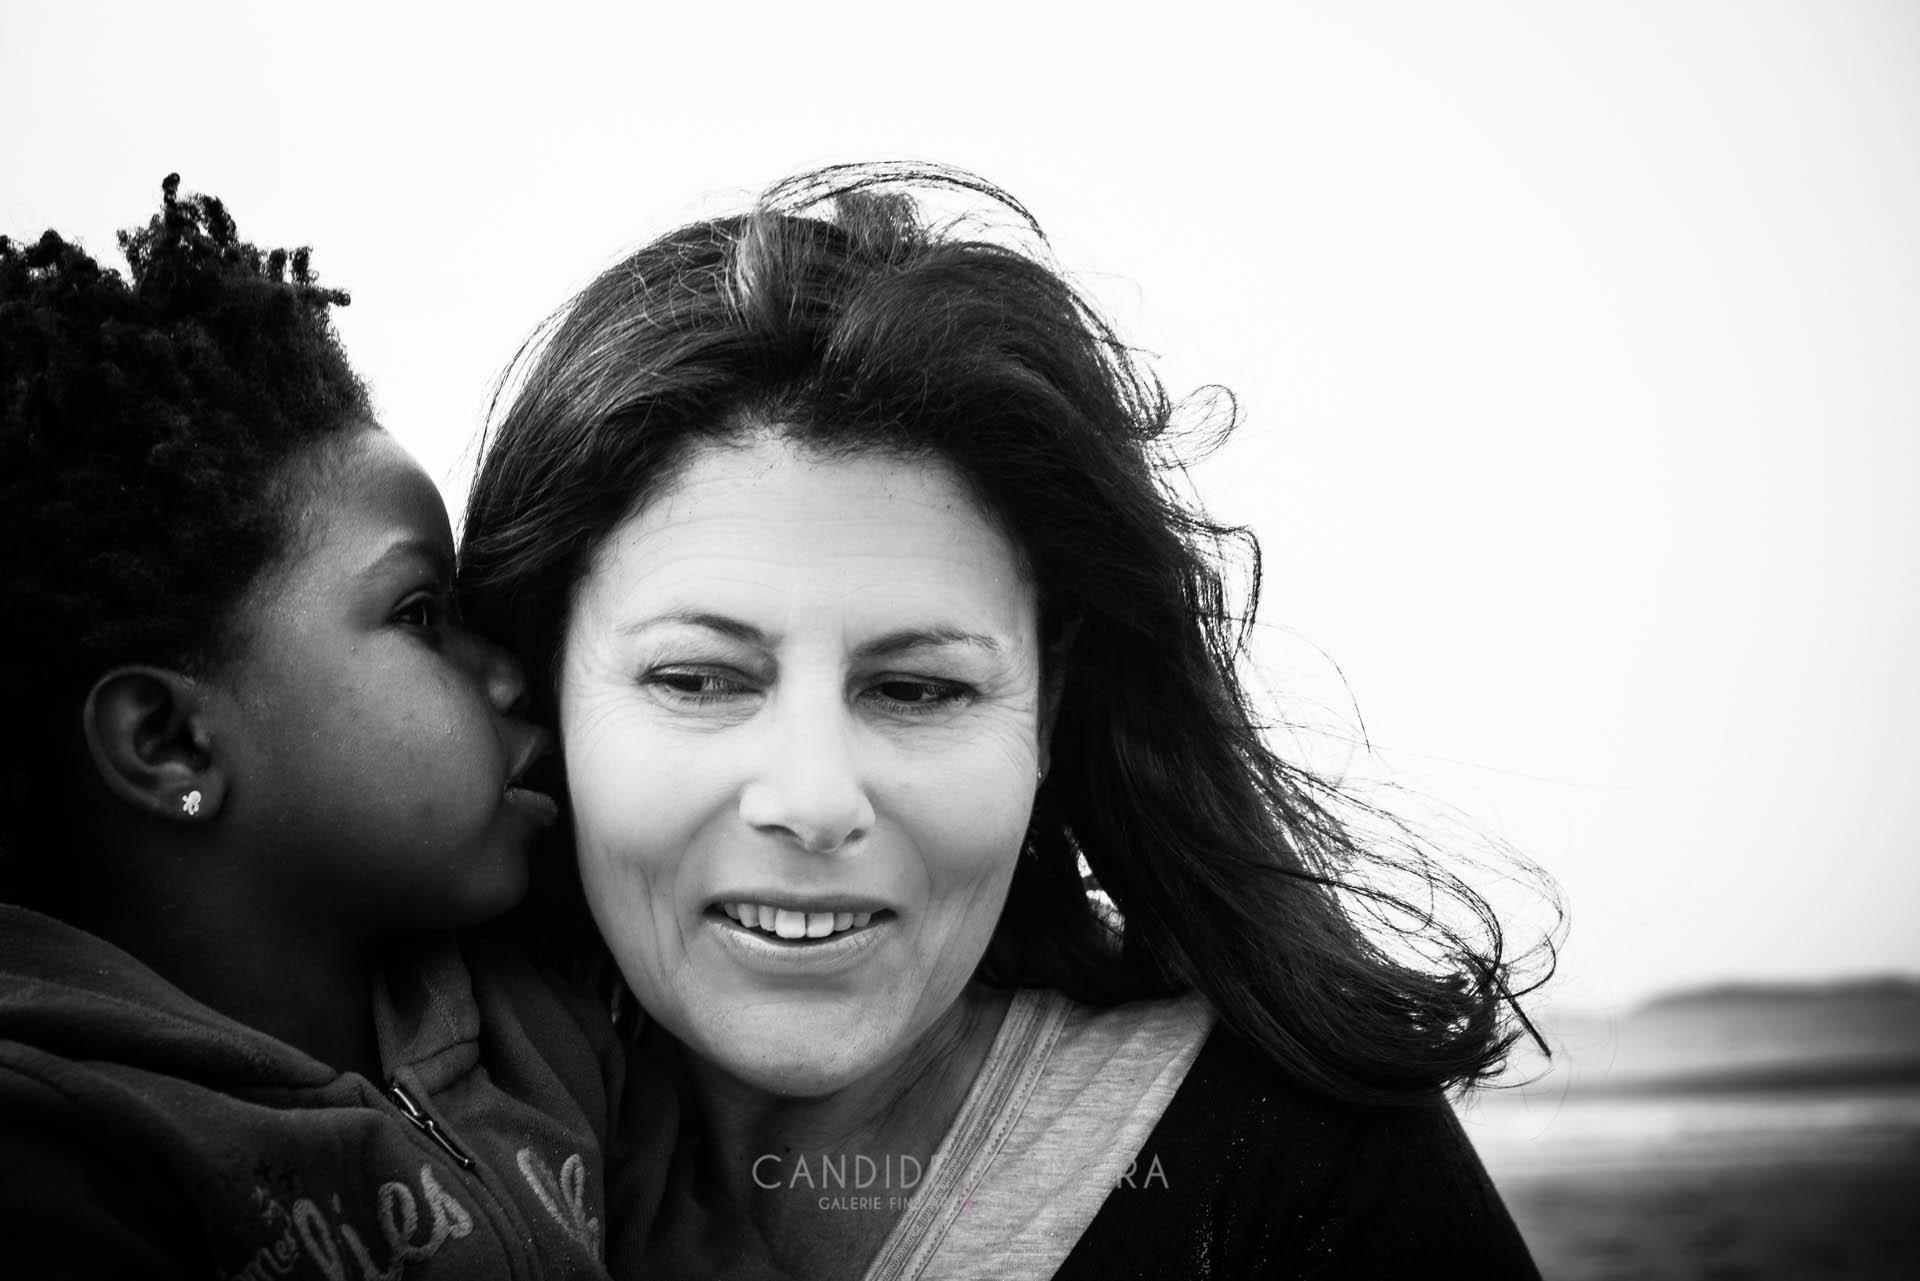 GALERIE_CANDIDE_CAMERA_PHOTOGRAPHE_DINARD_083__BSC0357